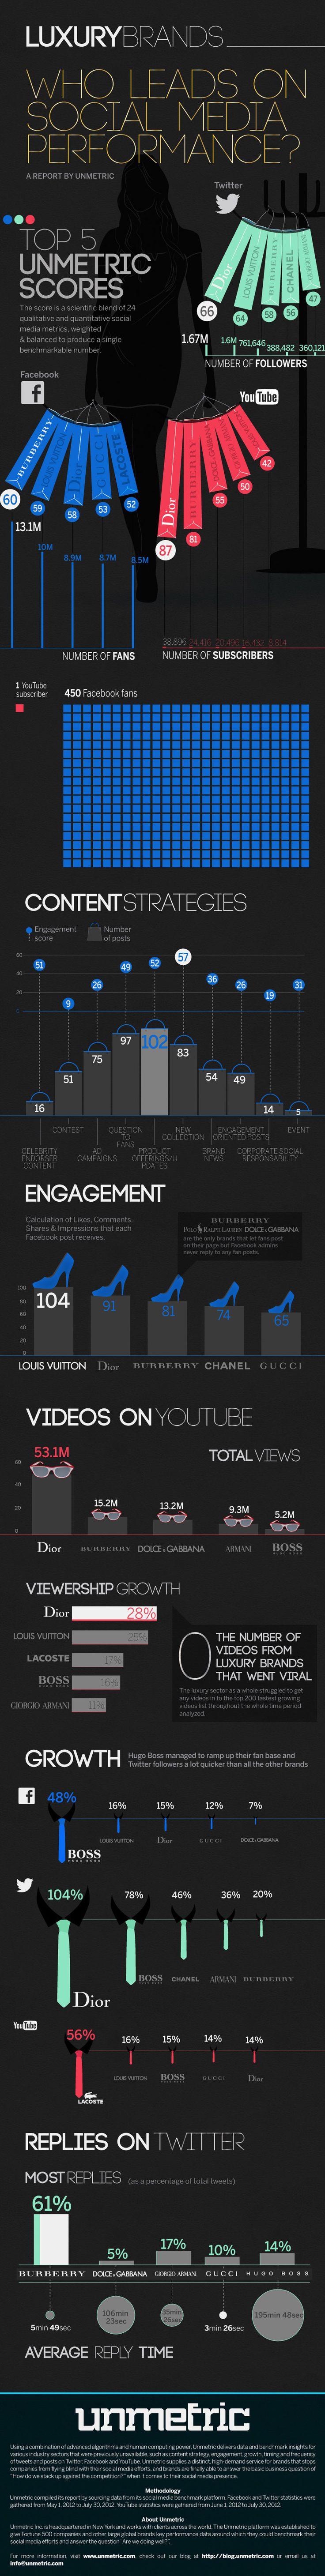 Infographie des marques de luxe sur les réseaux sociaux.